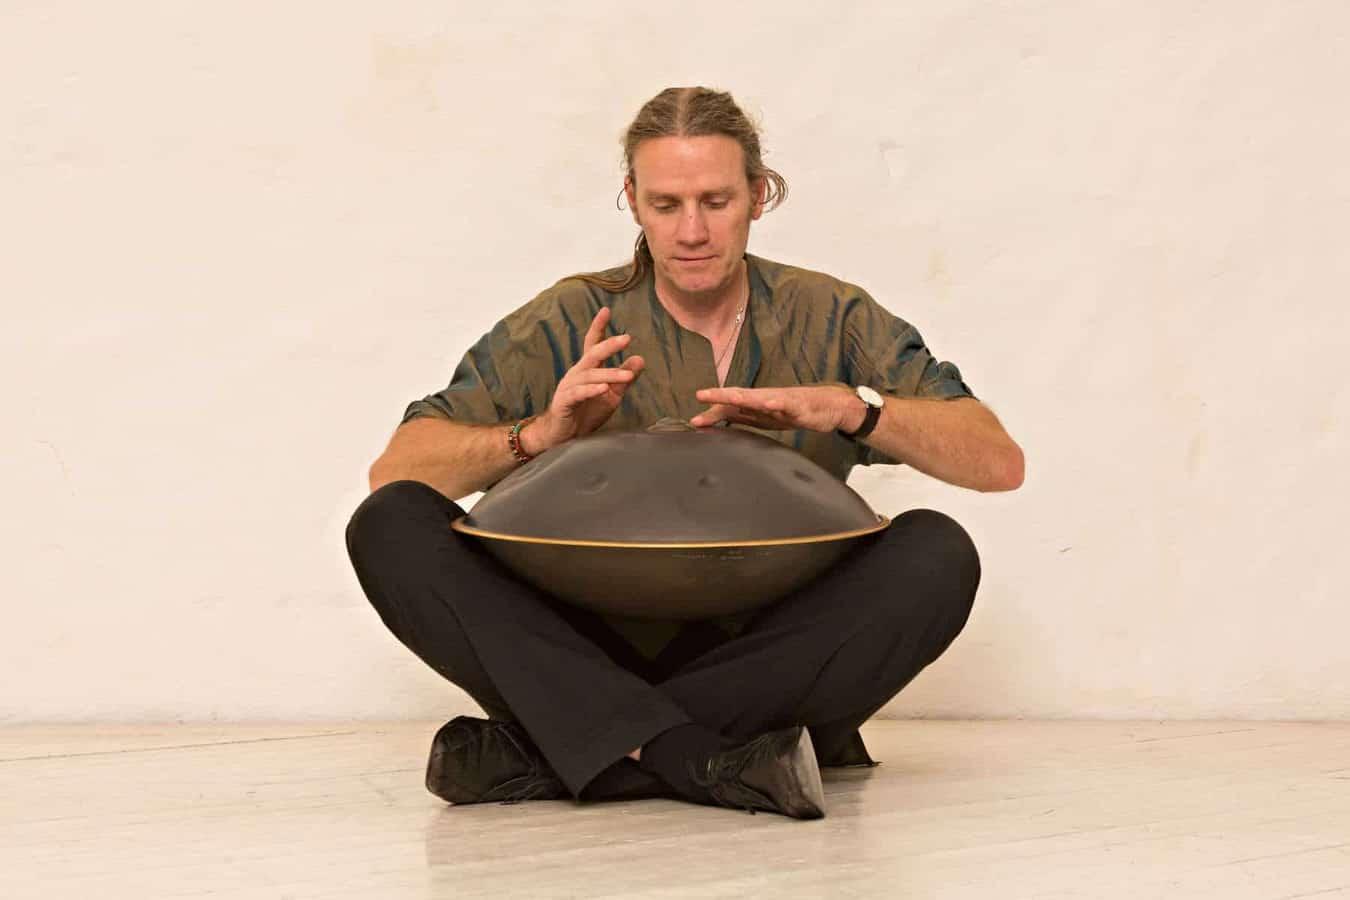 Markus Reich Handpan Workshop - PercussionReich